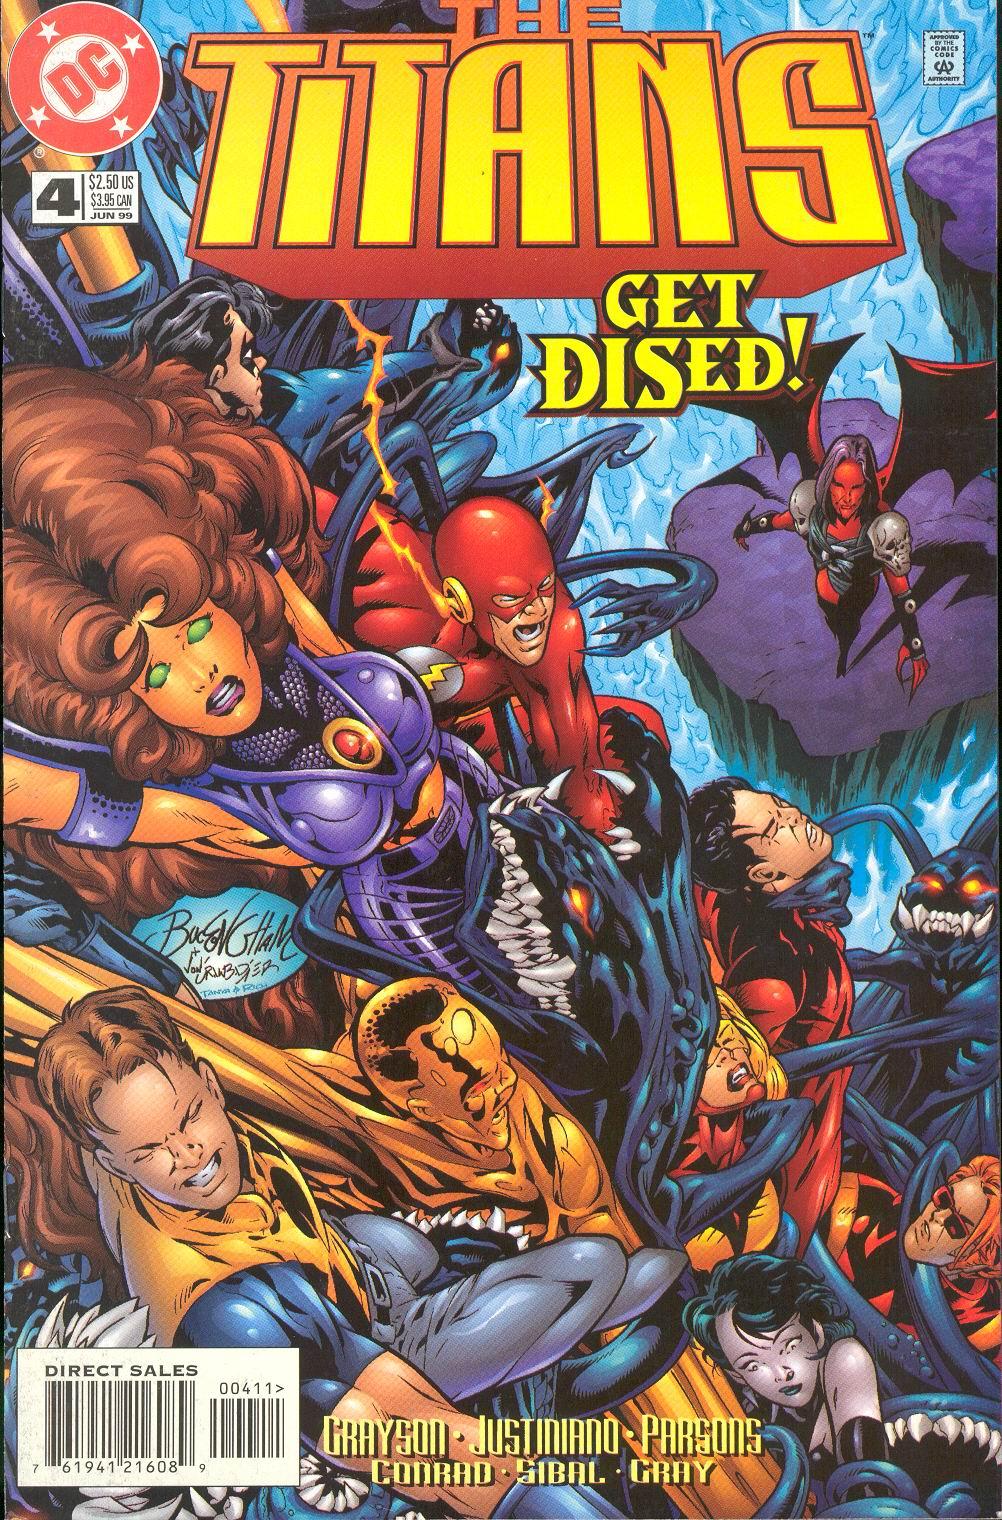 Titans Vol 1 4